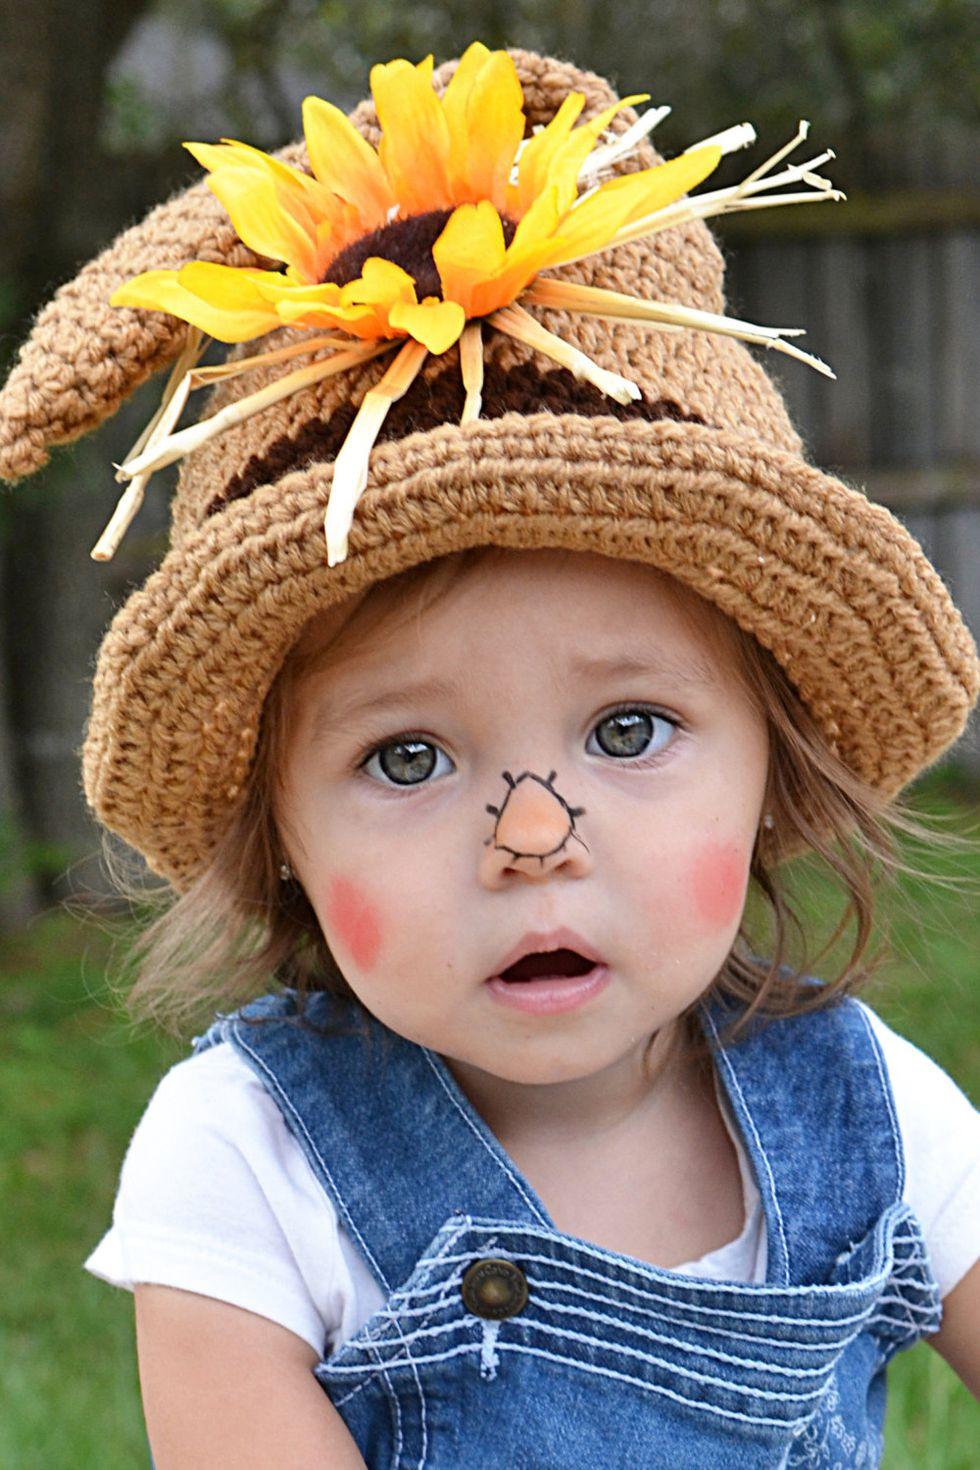 ideias fantasias halloween11 - 25 Ideias de disfarces de Halloween para bebes e crianças